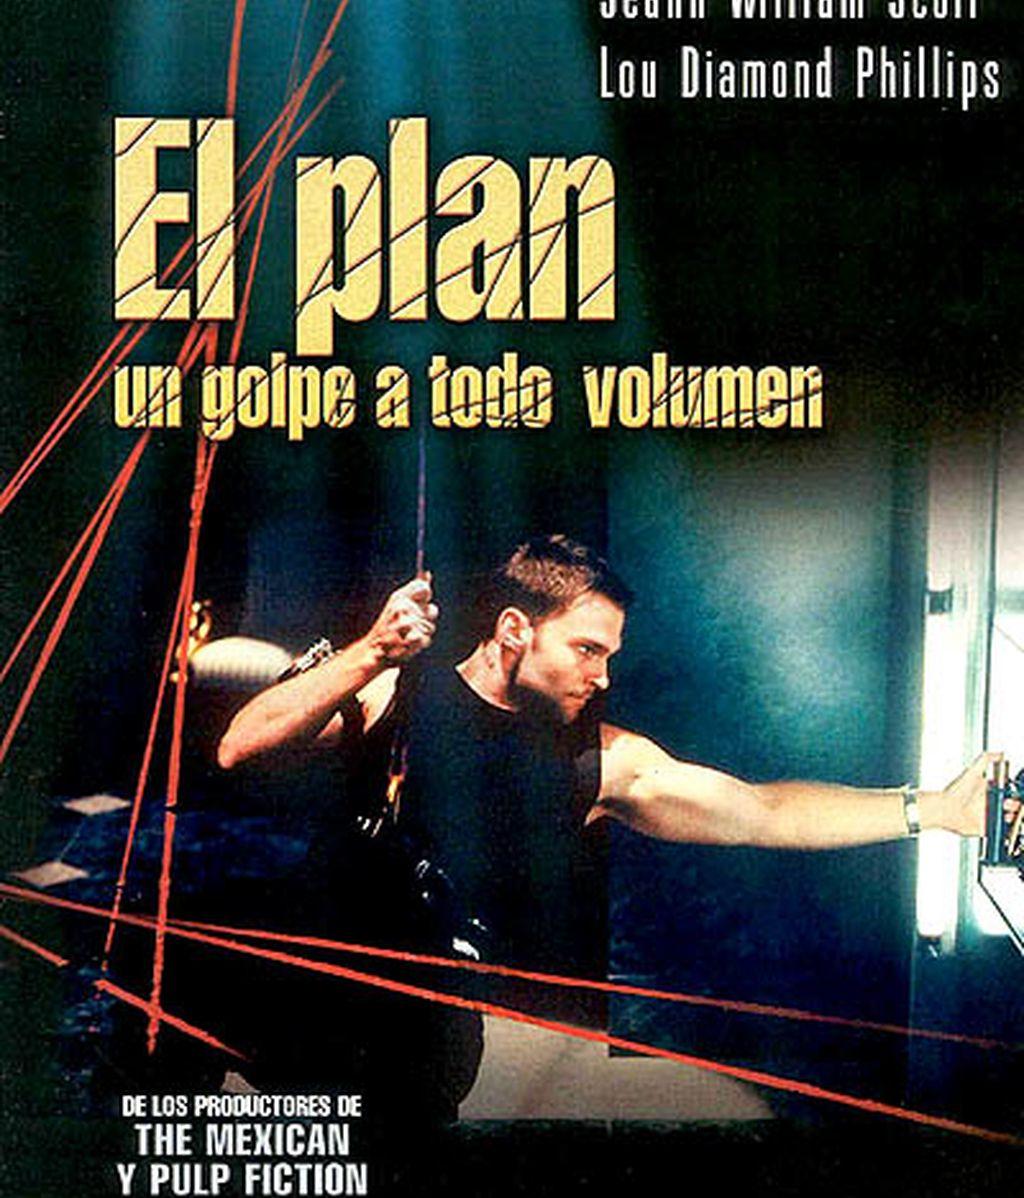 El Plan, un golpe a todo volumen (2002)